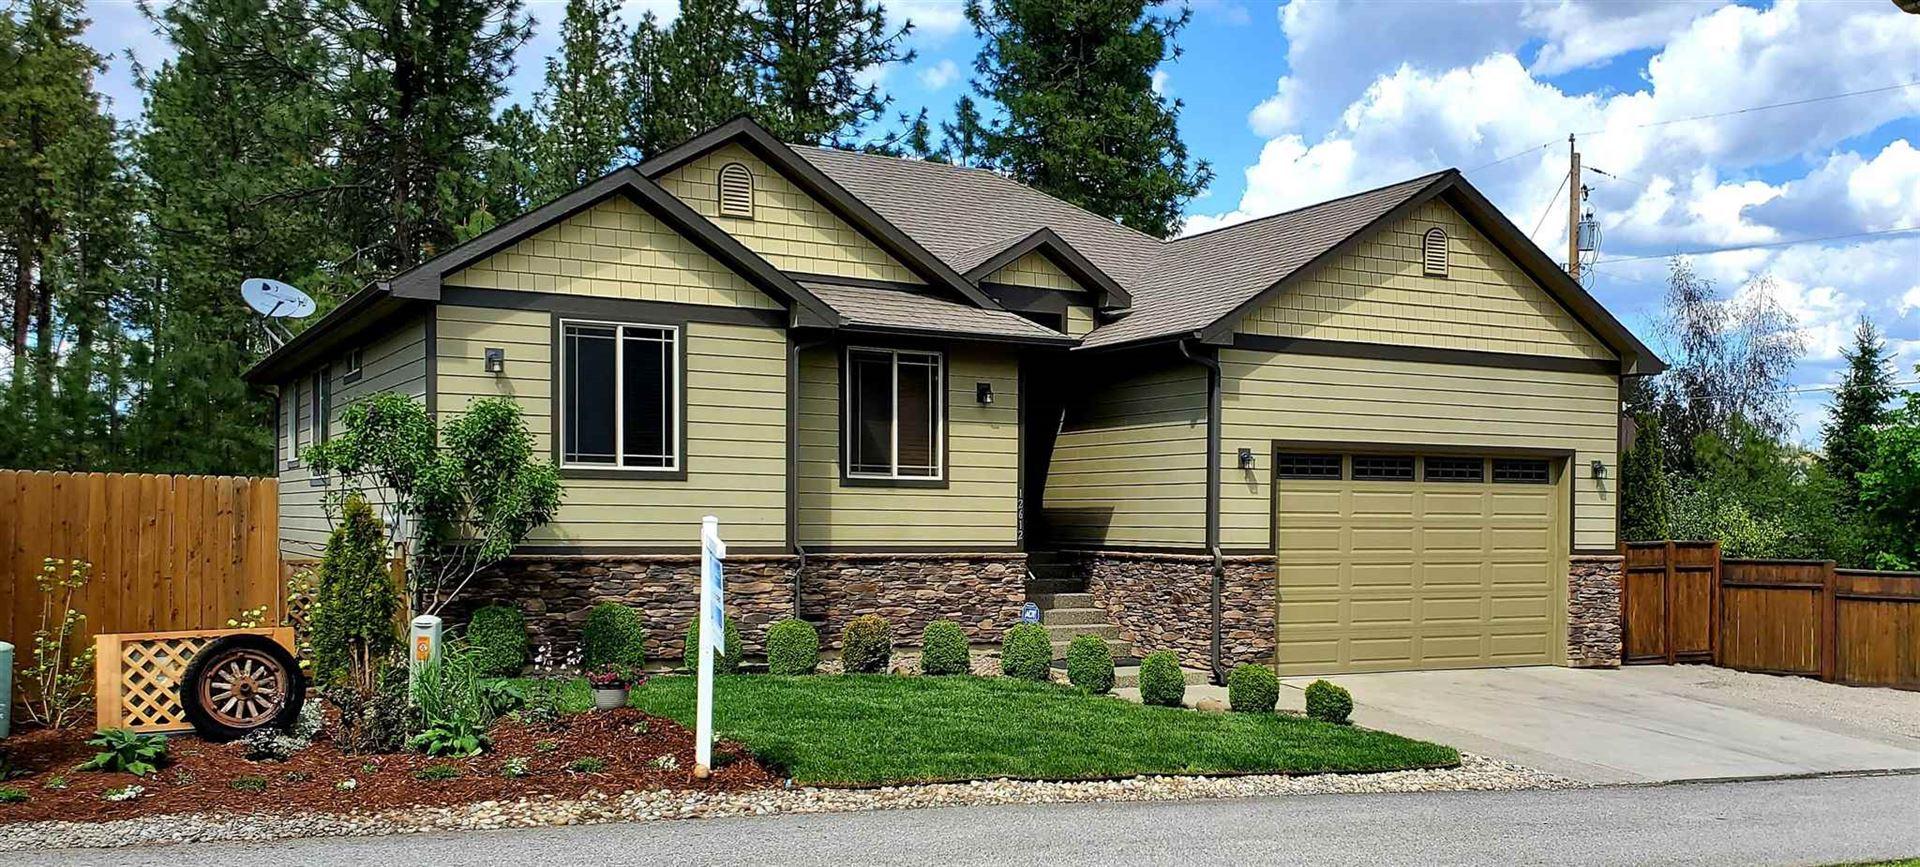 12612 N Ruby St, Spokane, WA 99218 - #: 202112029